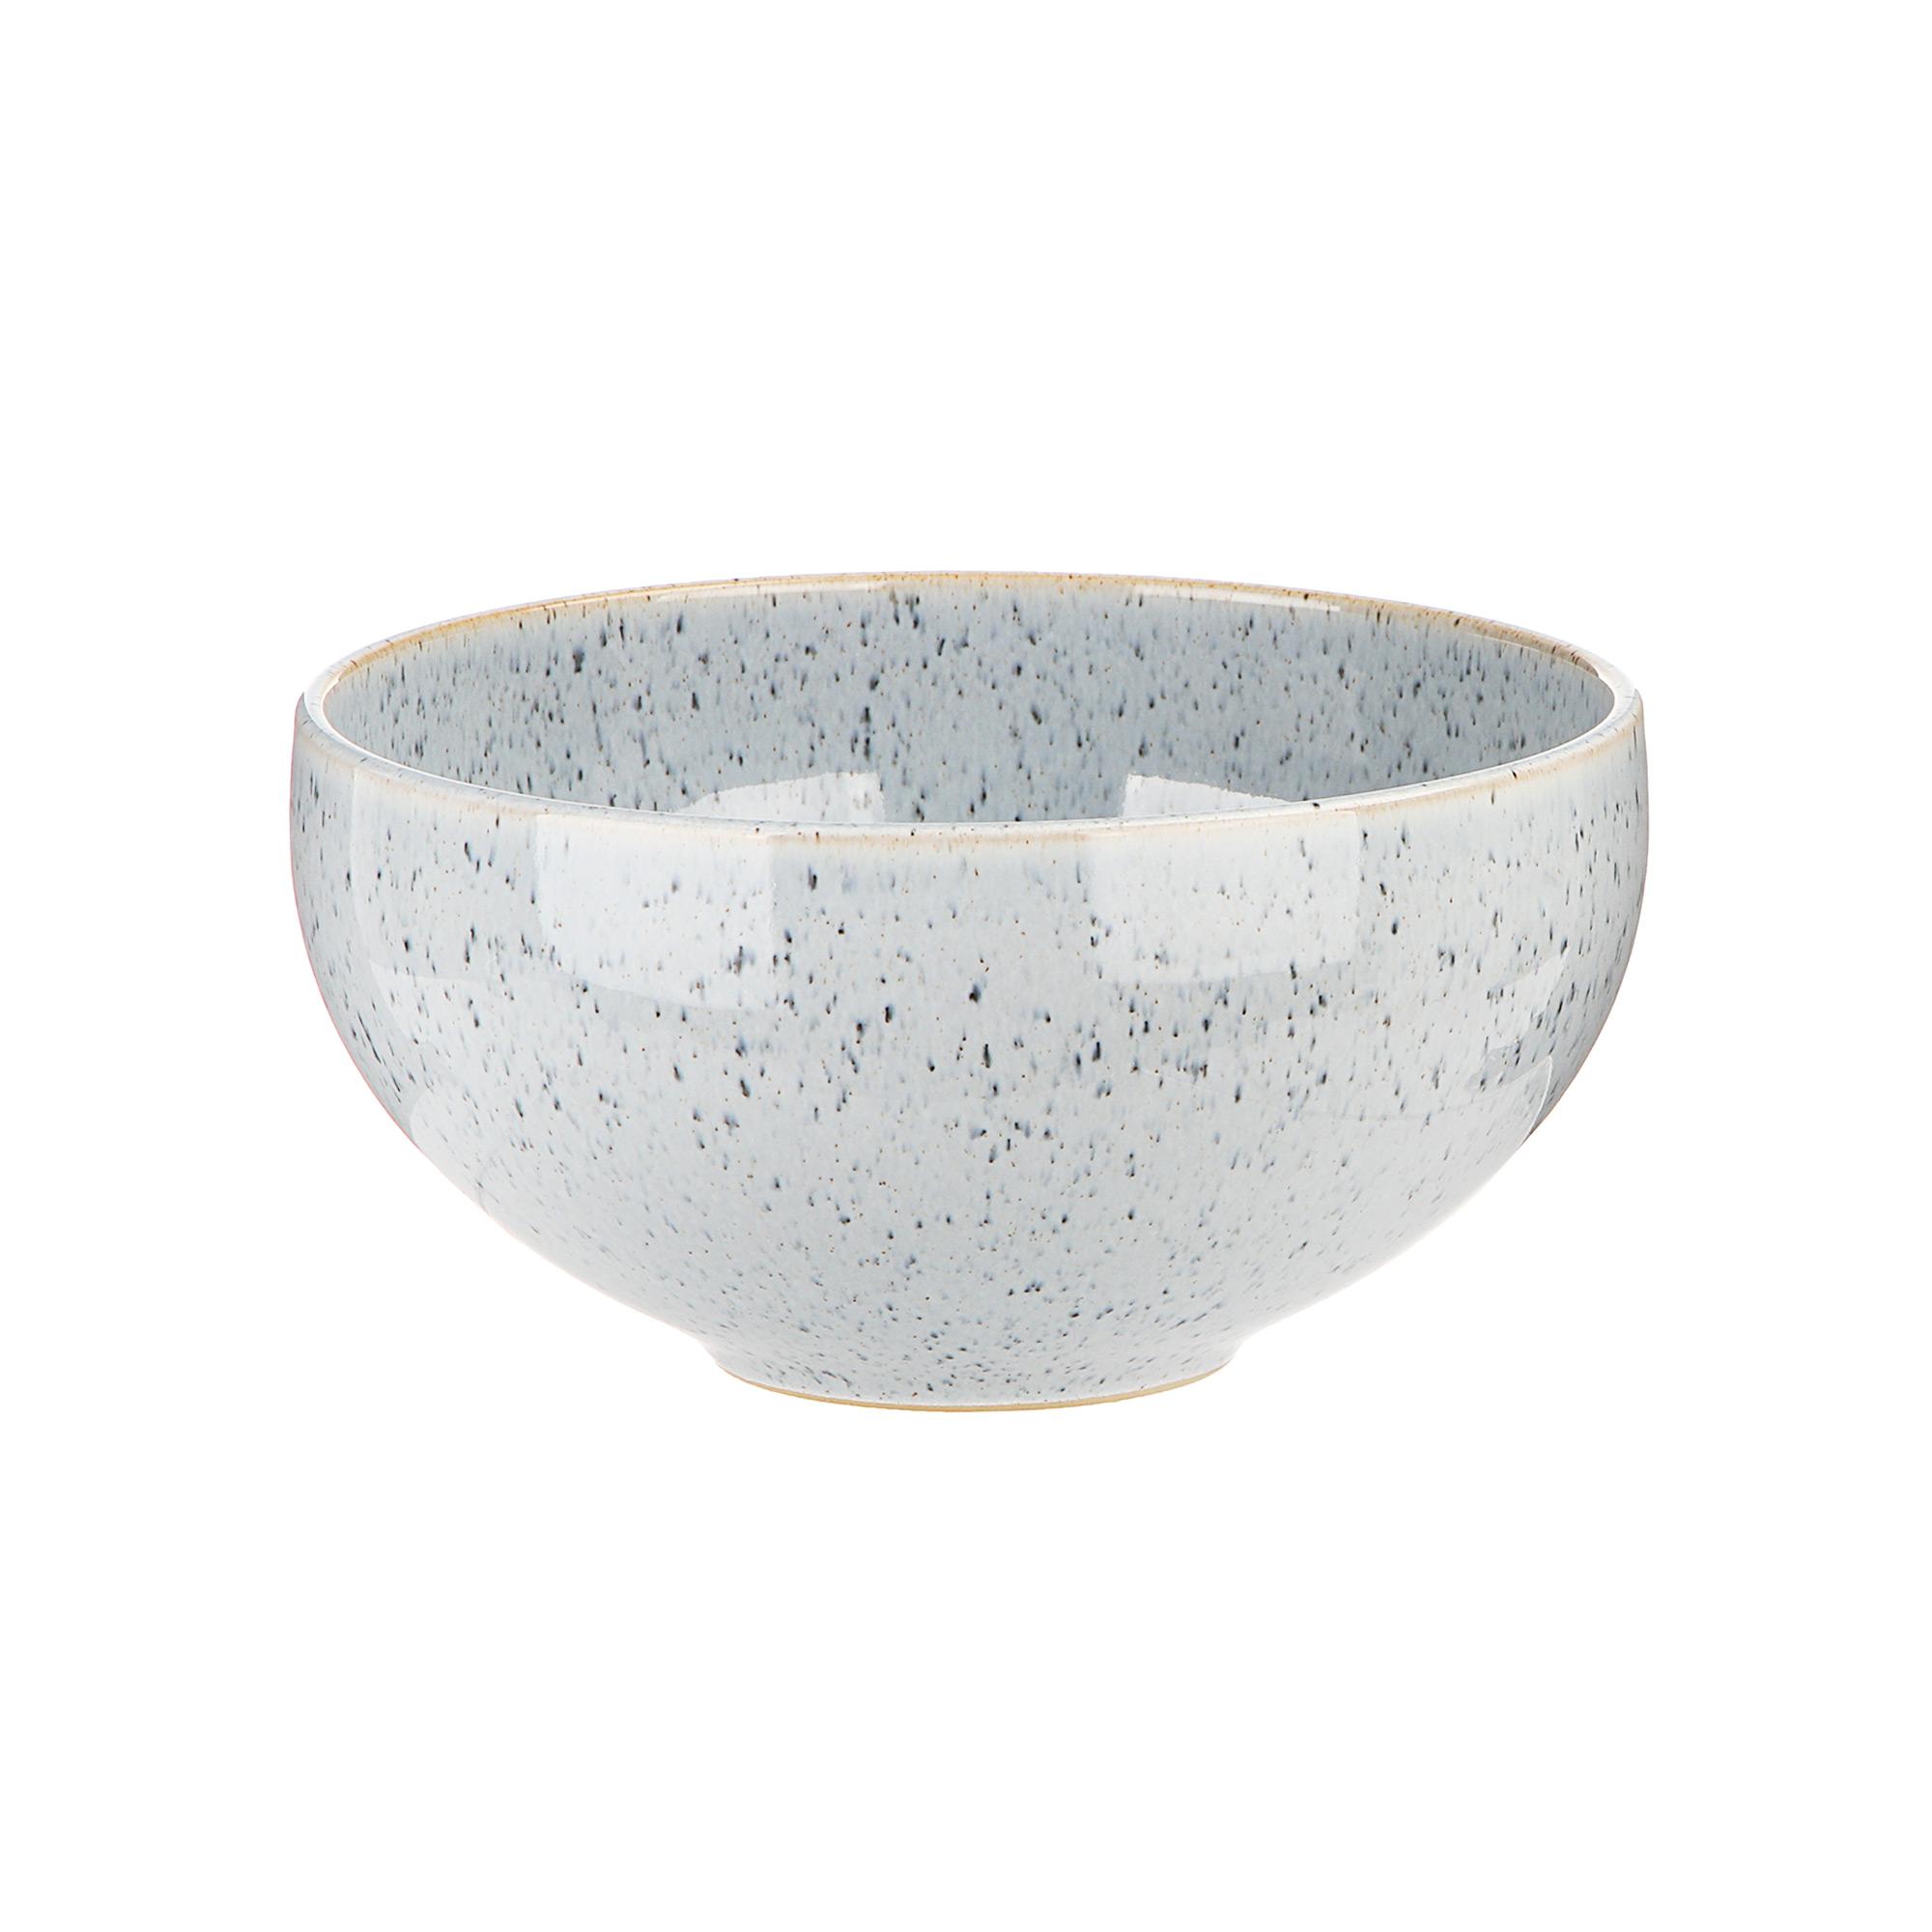 Фото - Чаша для лапши Denby Studio Blue 17,5 см чаша для риса denby studio craft 13 см